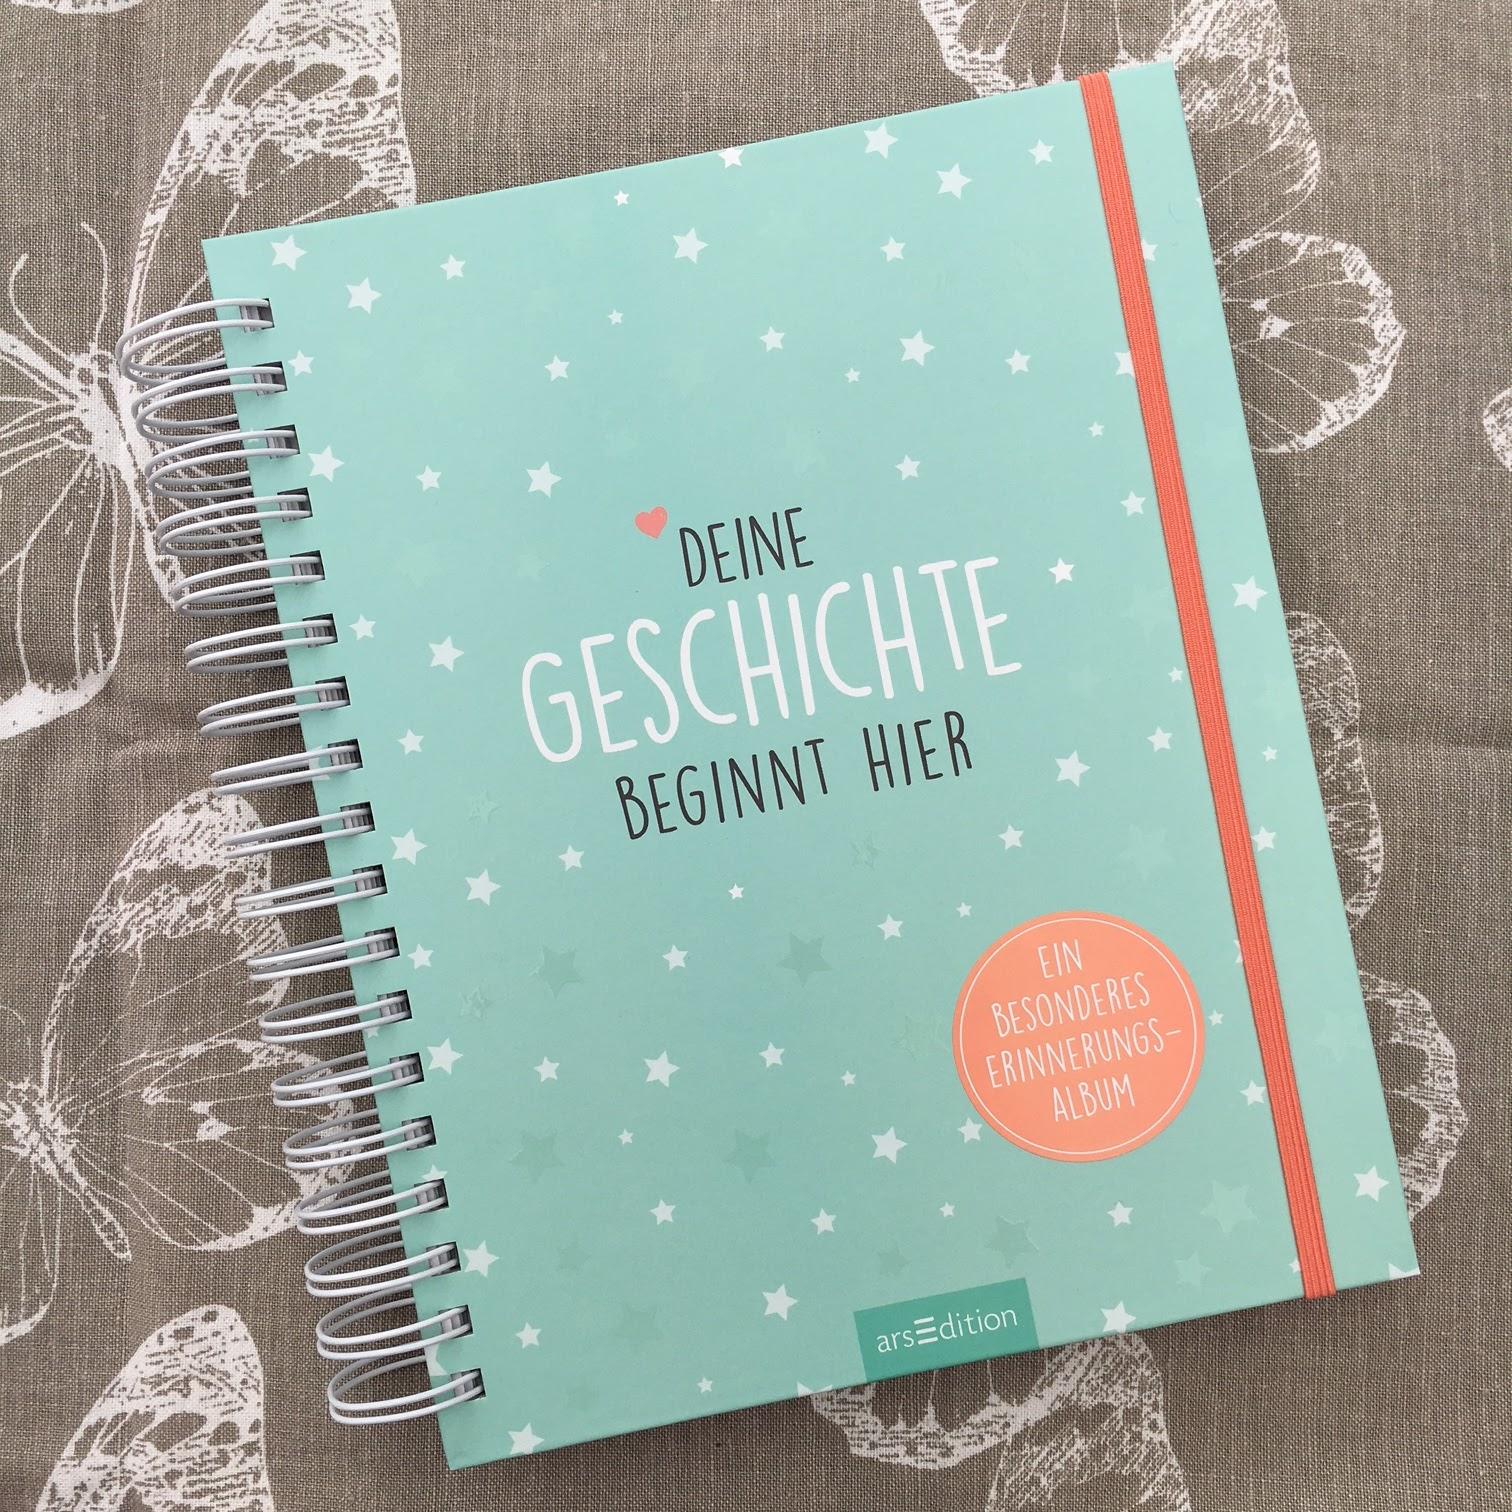 Deine Geschichte beginnt hier Ein Erinnerungsalbum und wundersch/önes Geschenk zur Geburt